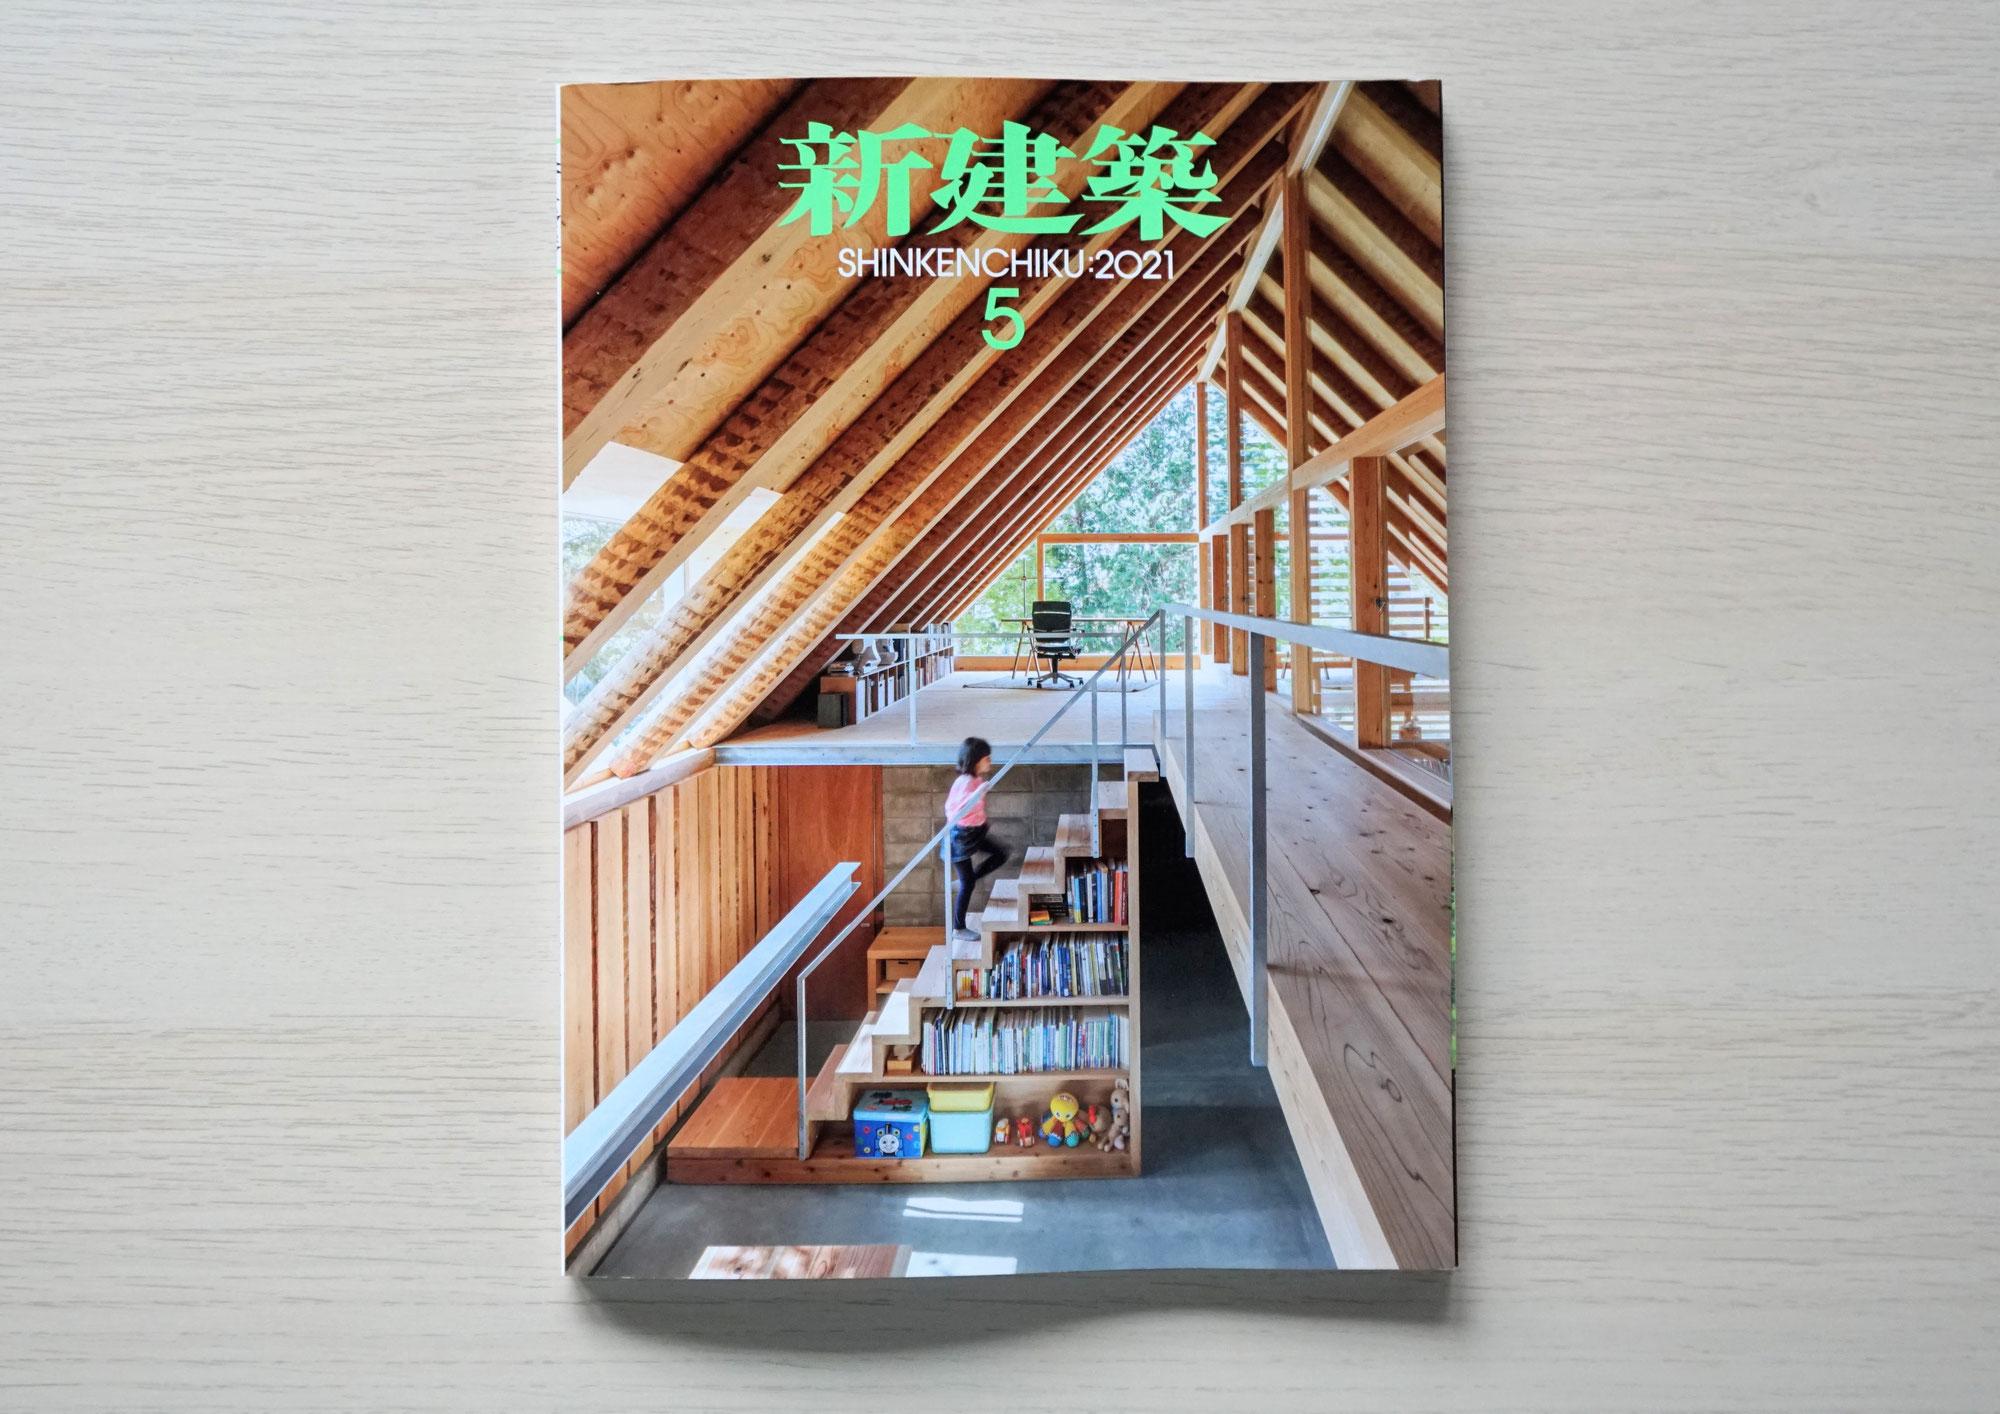 掲載書籍『新建築2021年5月号 - 木造特集』(新建築社)|Published book